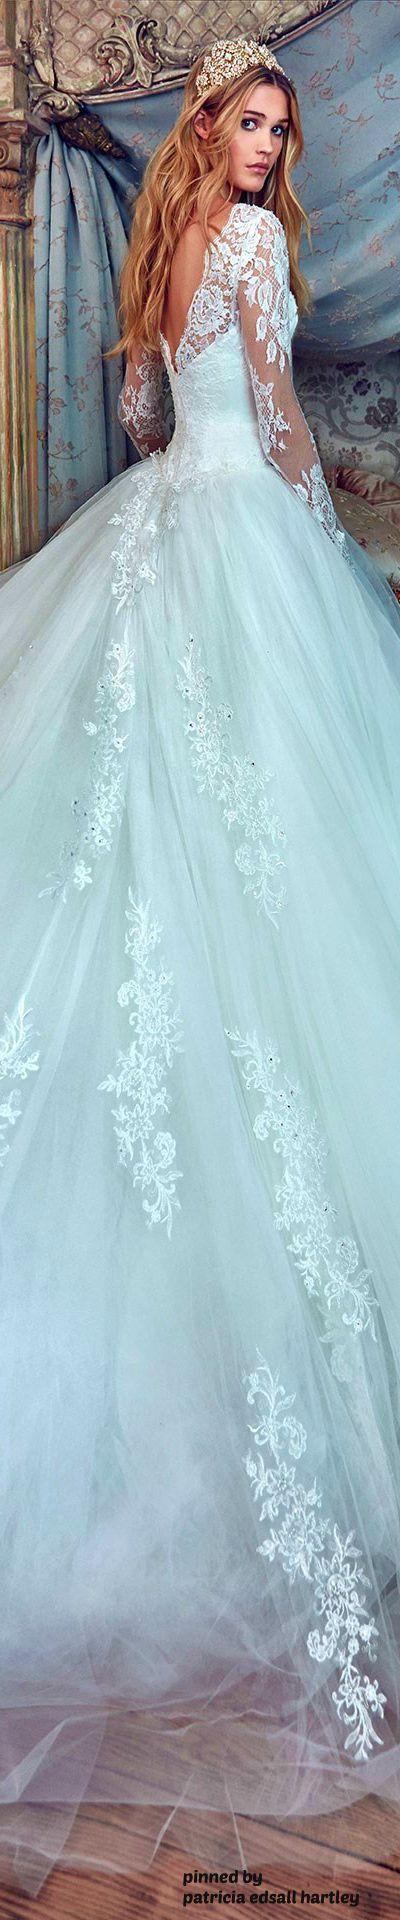 jolie robe pas cher pour une mariée dans le 06